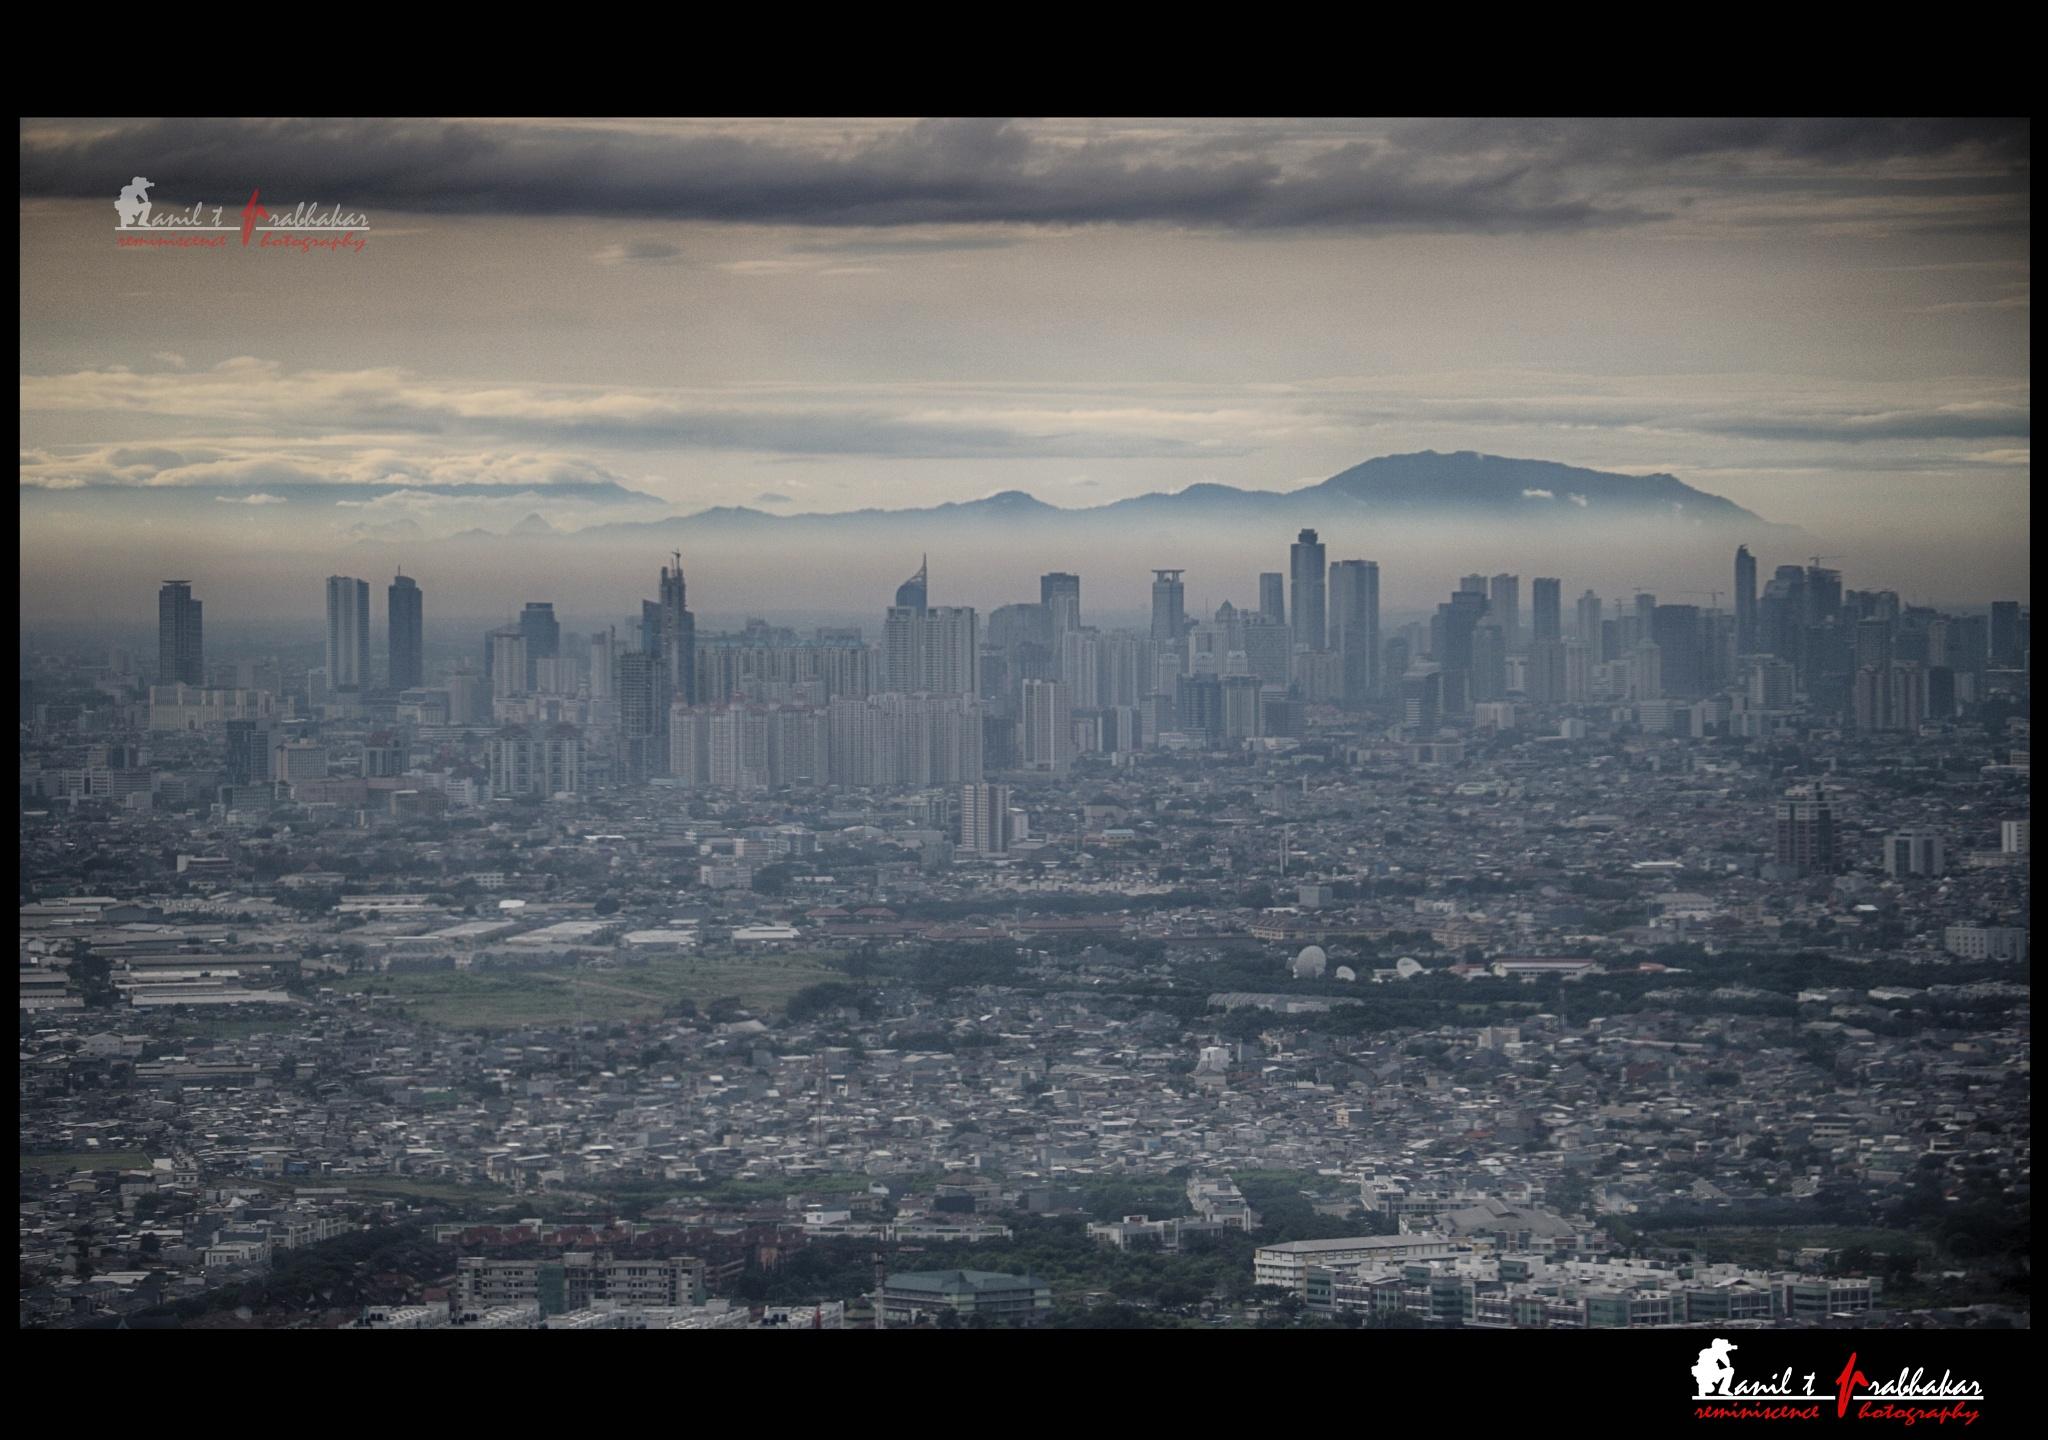 Outlook of Jakarta by Anil T Prabhakar